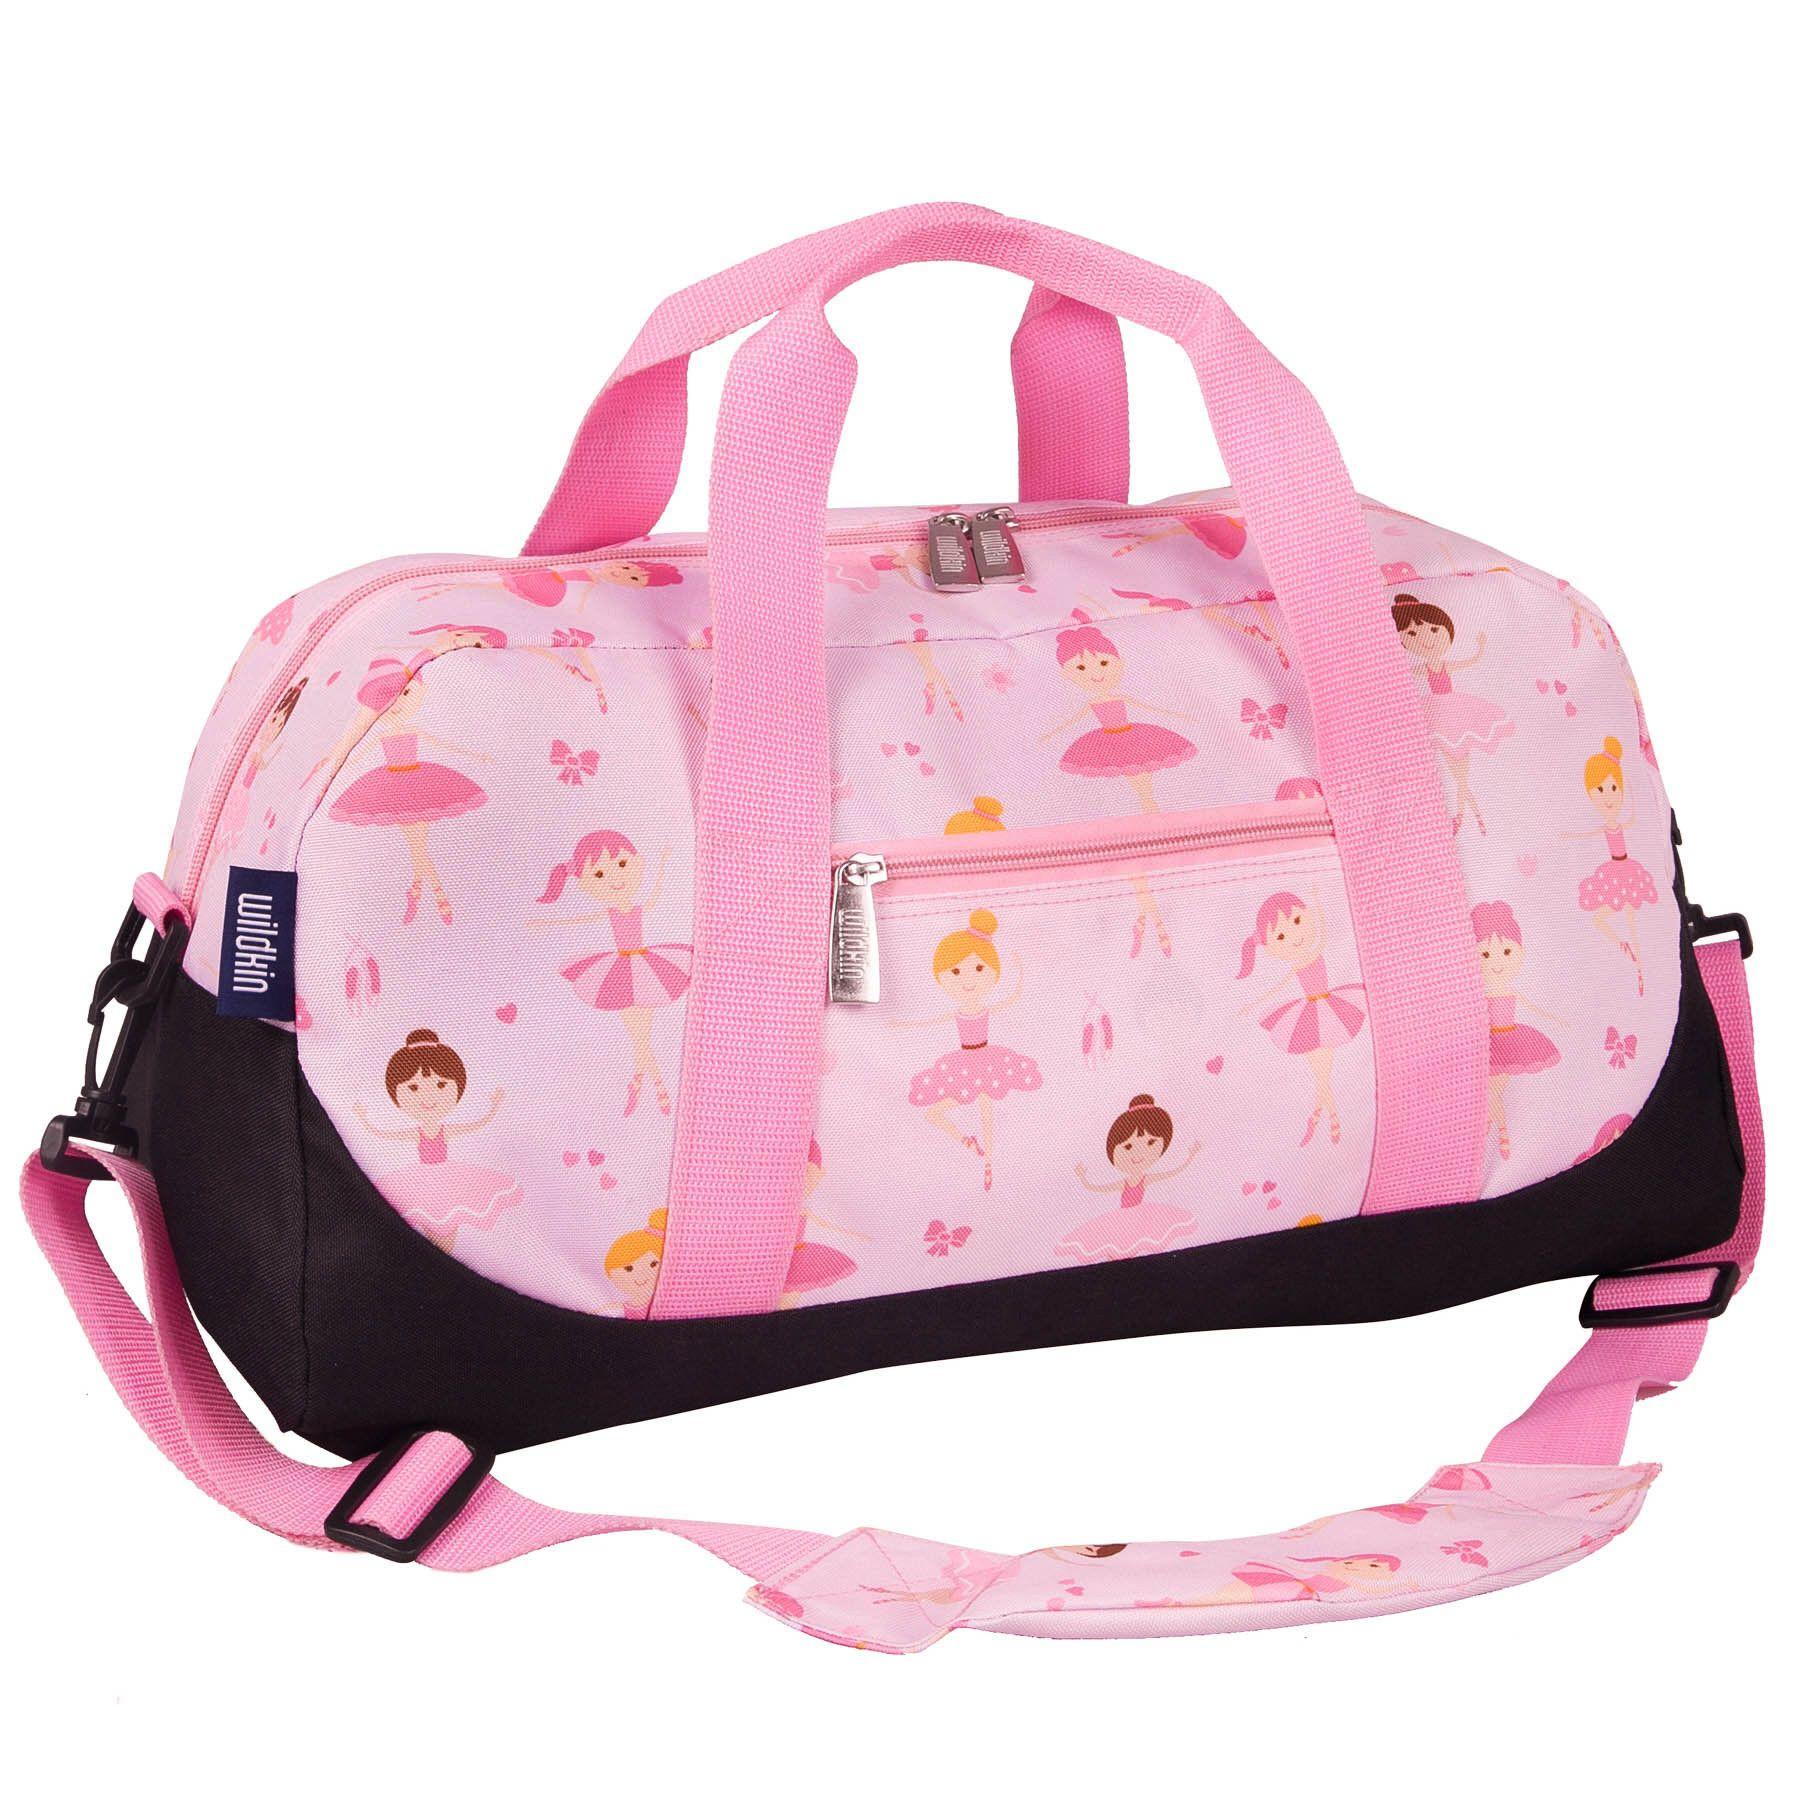 Personalized Pink Ballet Bag Monogram Dance Bag Duffle Bag